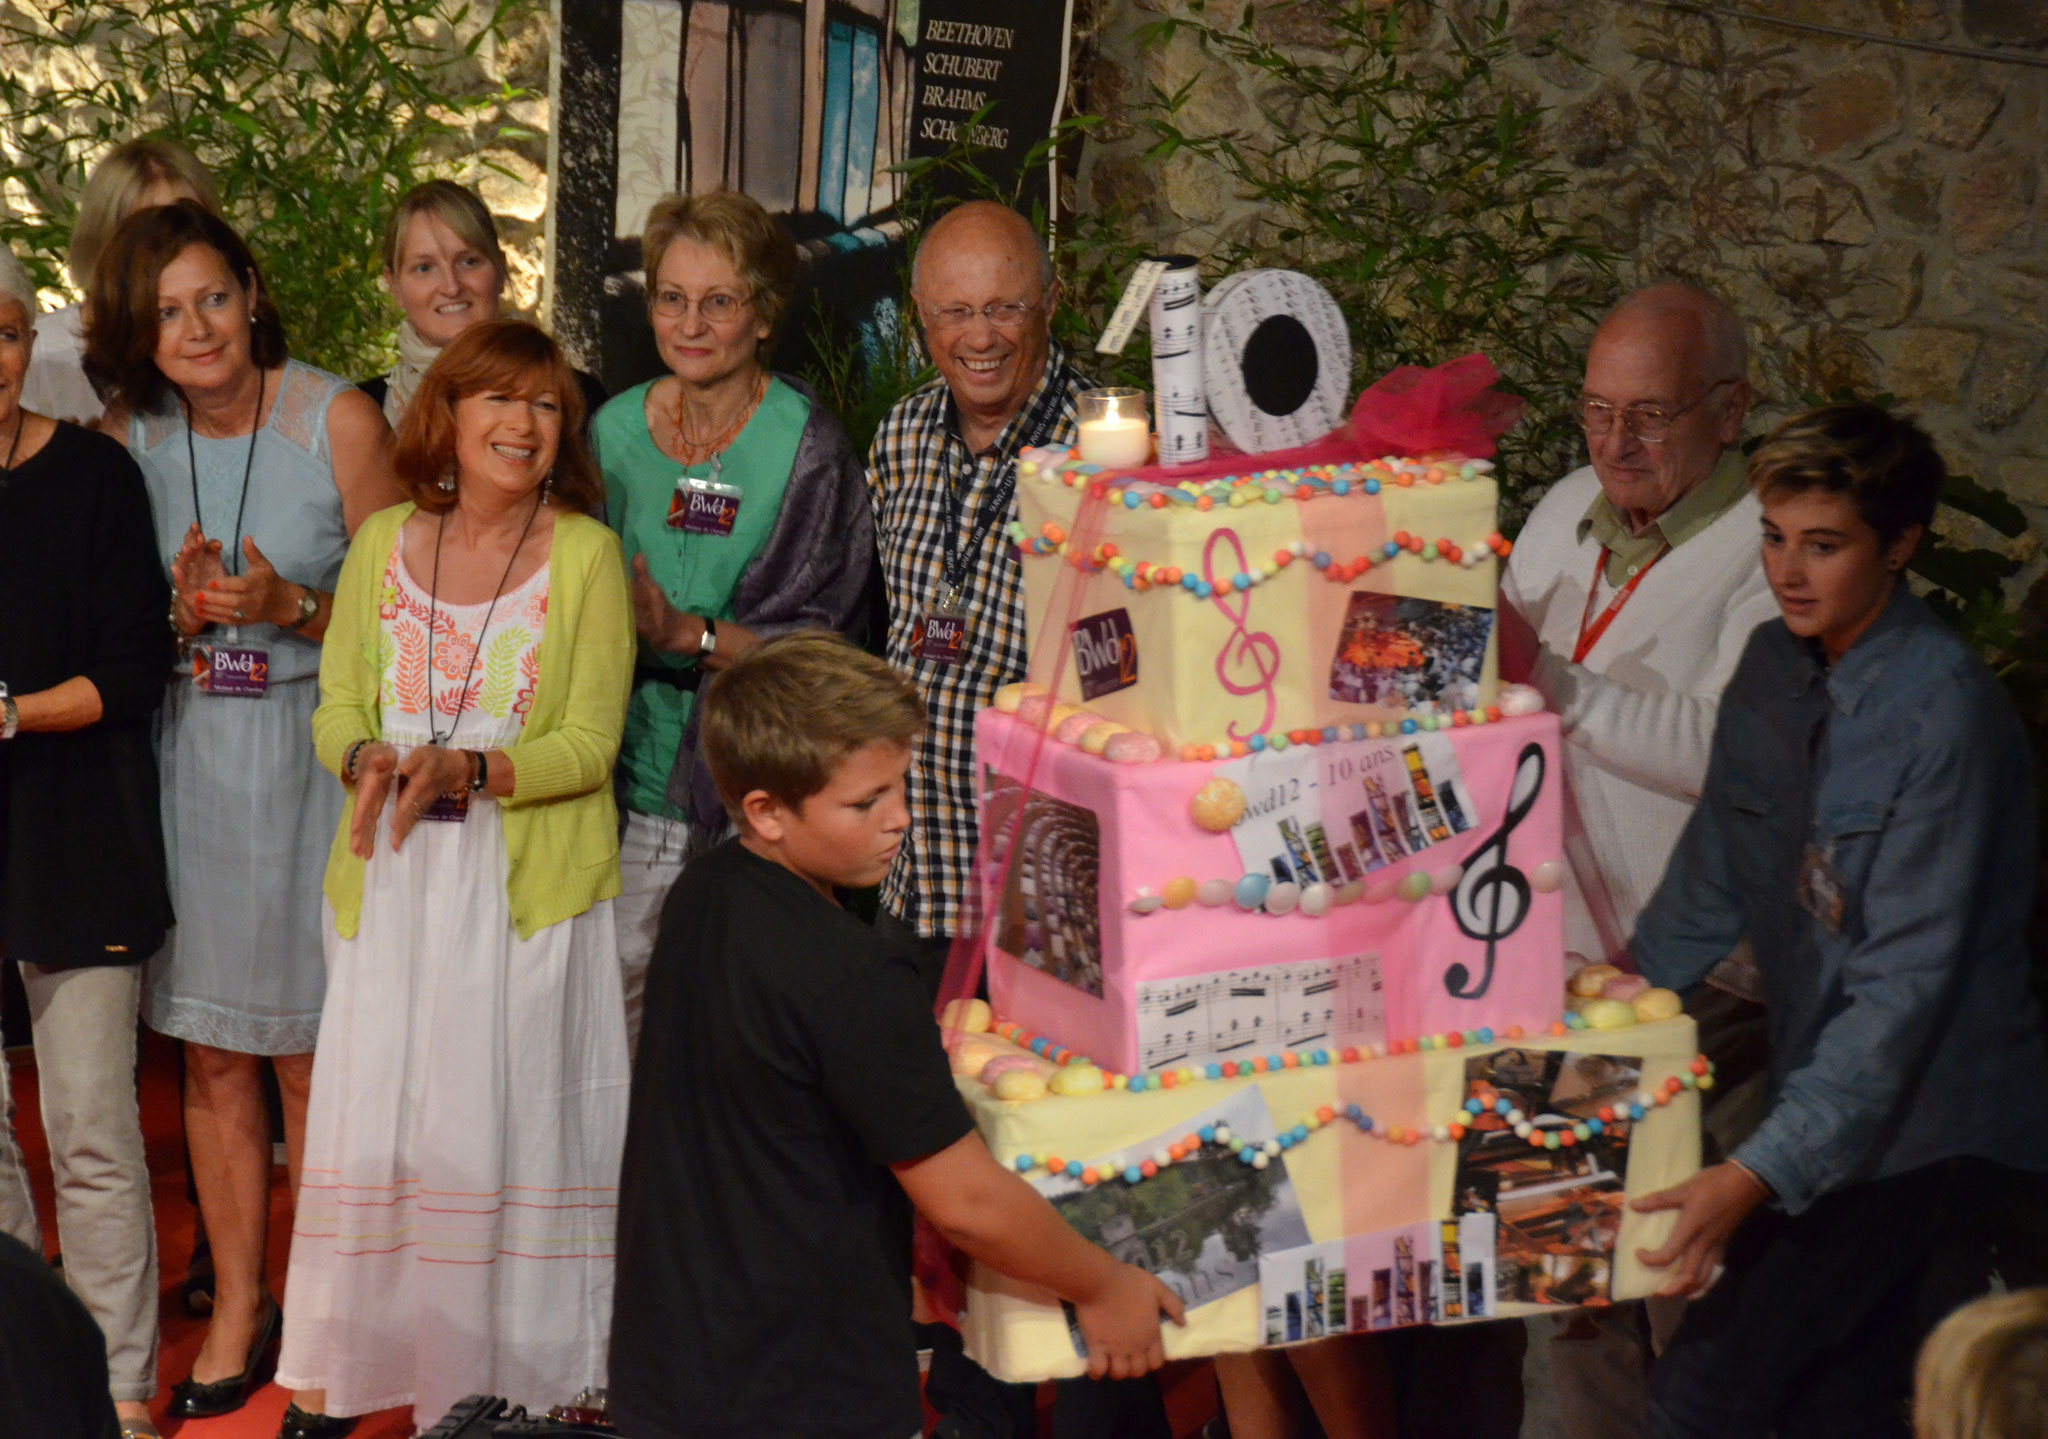 2014 - BWd12 fête ses dix ans